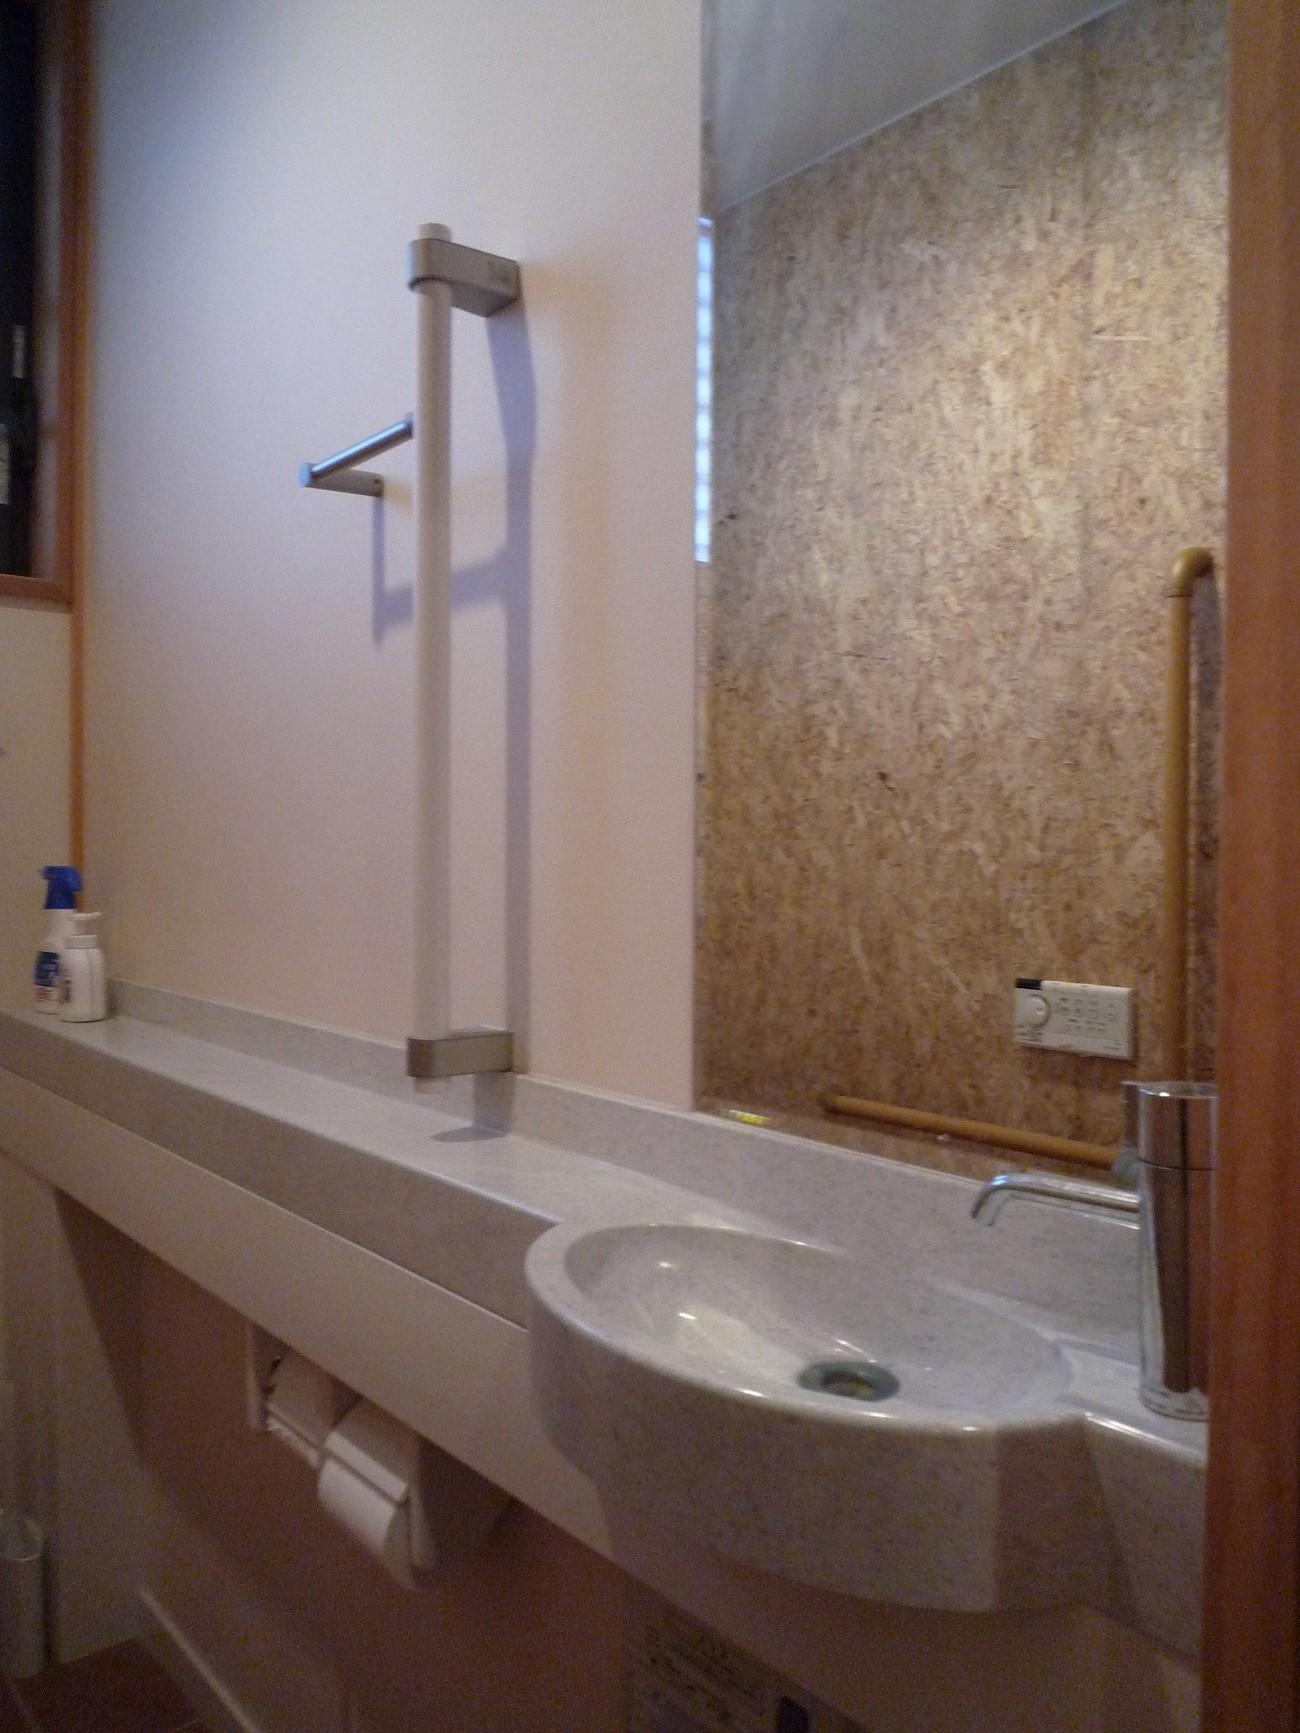 バス/トイレ事例:トイレ:手すり付ひじ置きカウンター + 手洗い器|バリアフリー対策(平屋に住まう:夫婦二人に ちょうどいいシンプルな住まい)